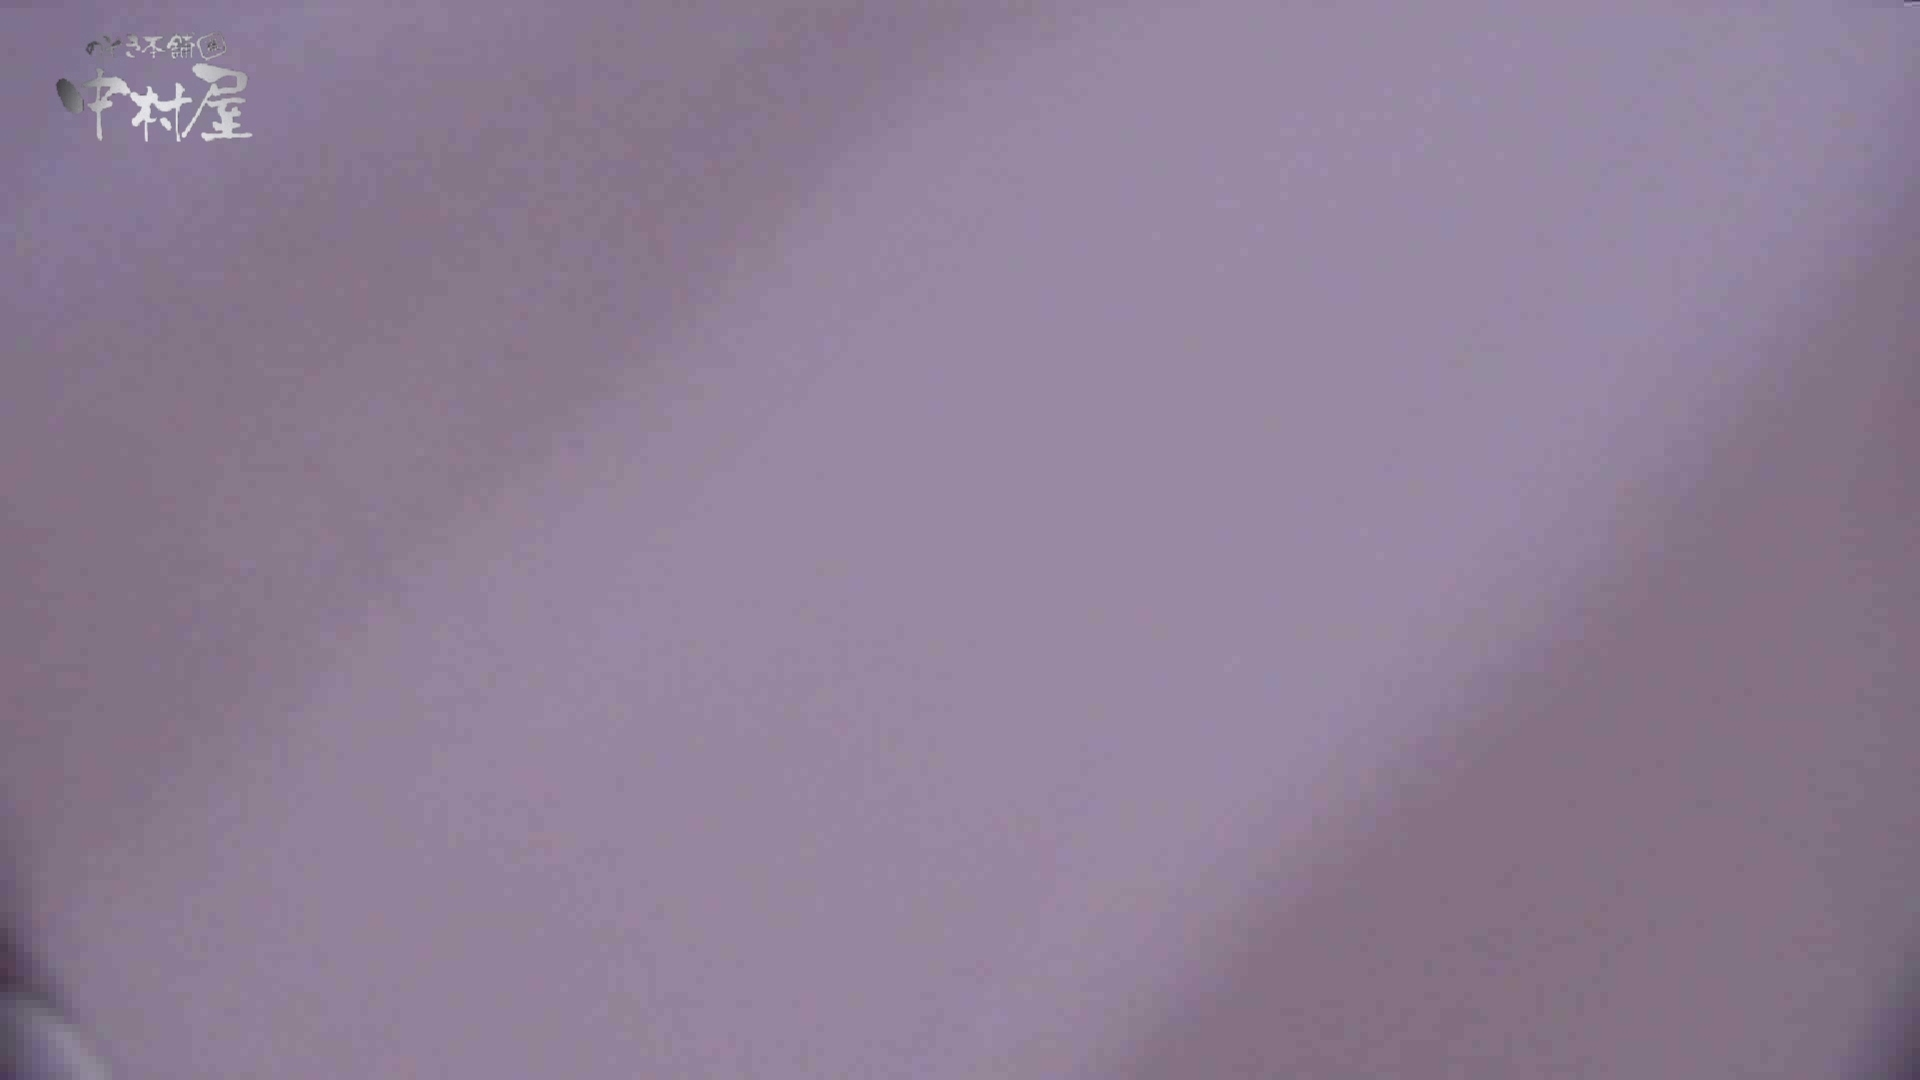 洗面所突入レポート!!vol.14 マンコ特別編 オマンコ無修正動画無料 109枚 34